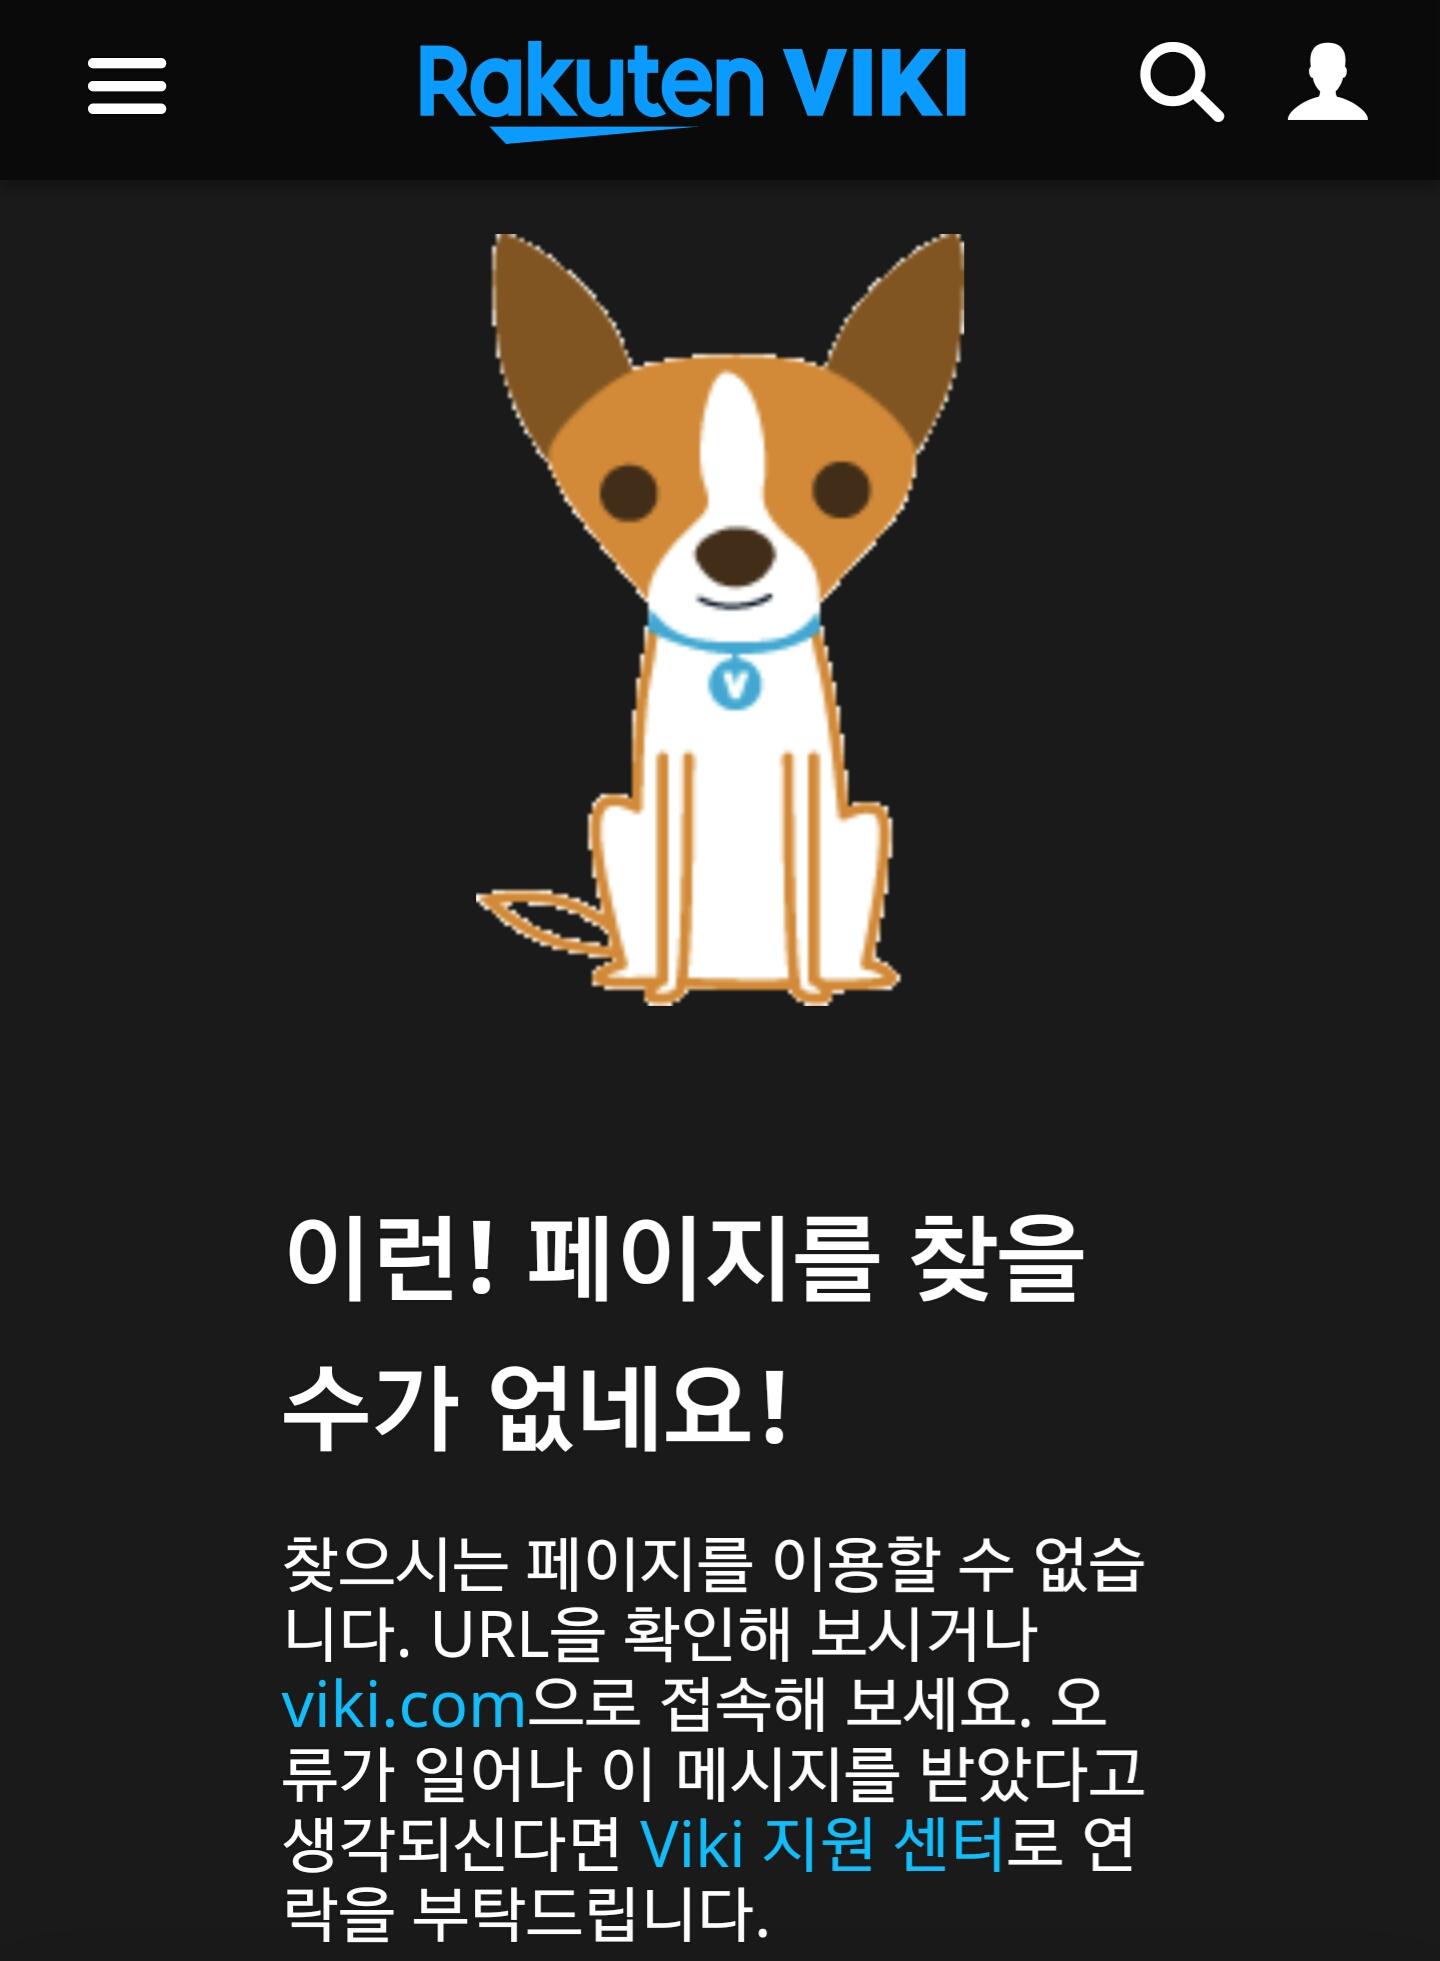 [정보/소식] 스트리밍 사이트 viki에서 조선구마사 없어짐 | 인스티즈